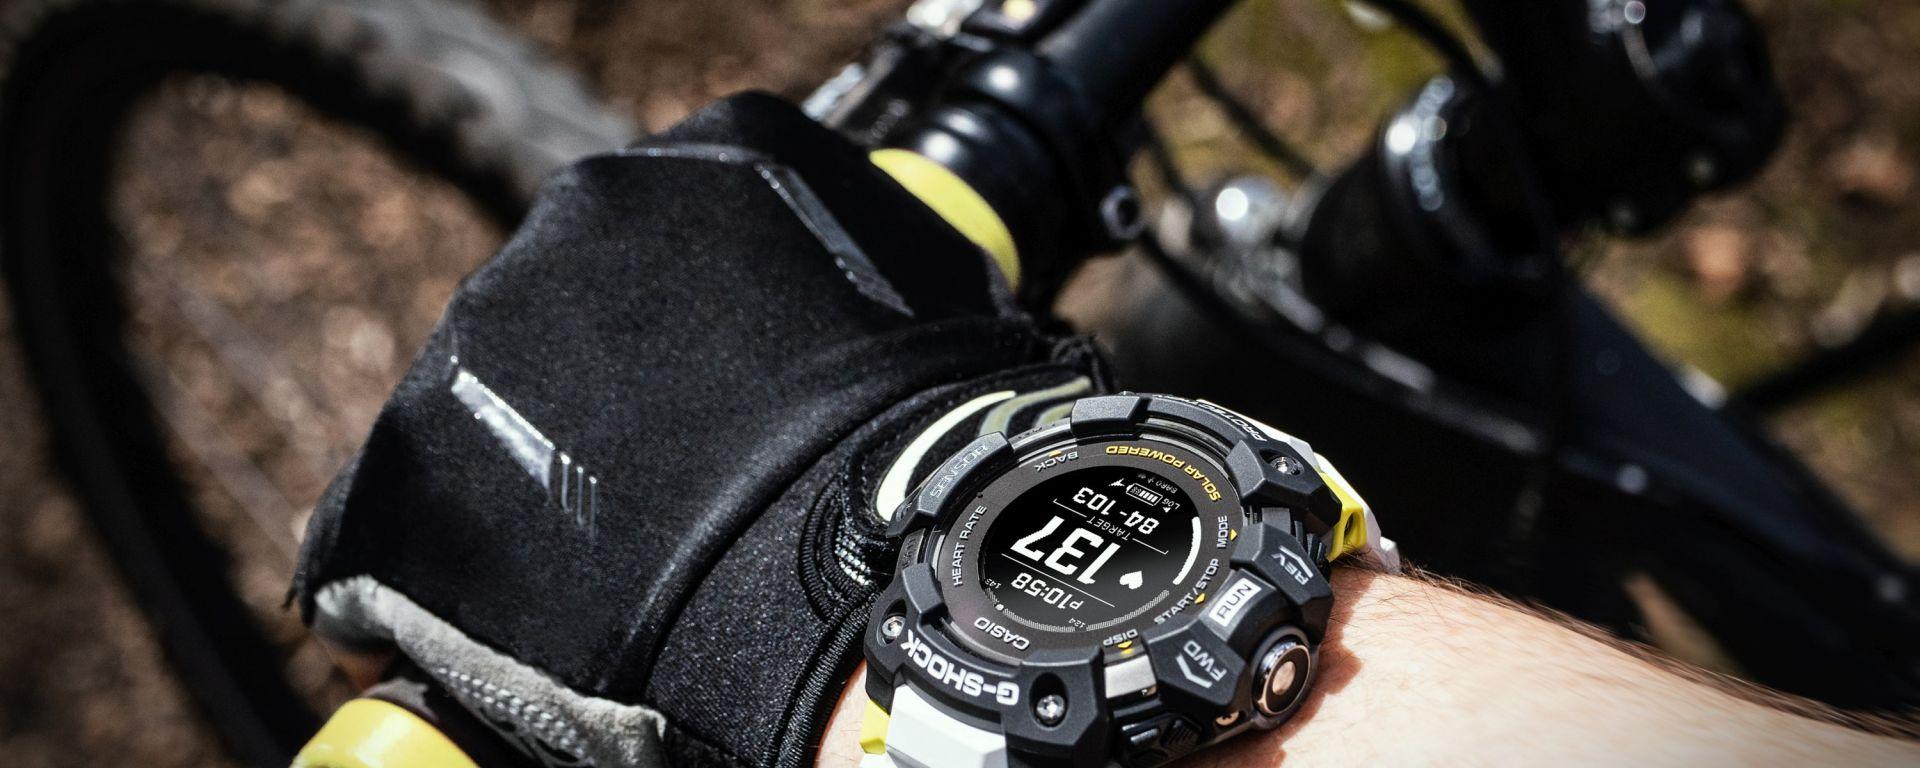 Casio G-Shock GBD-H1000: in bicicletta